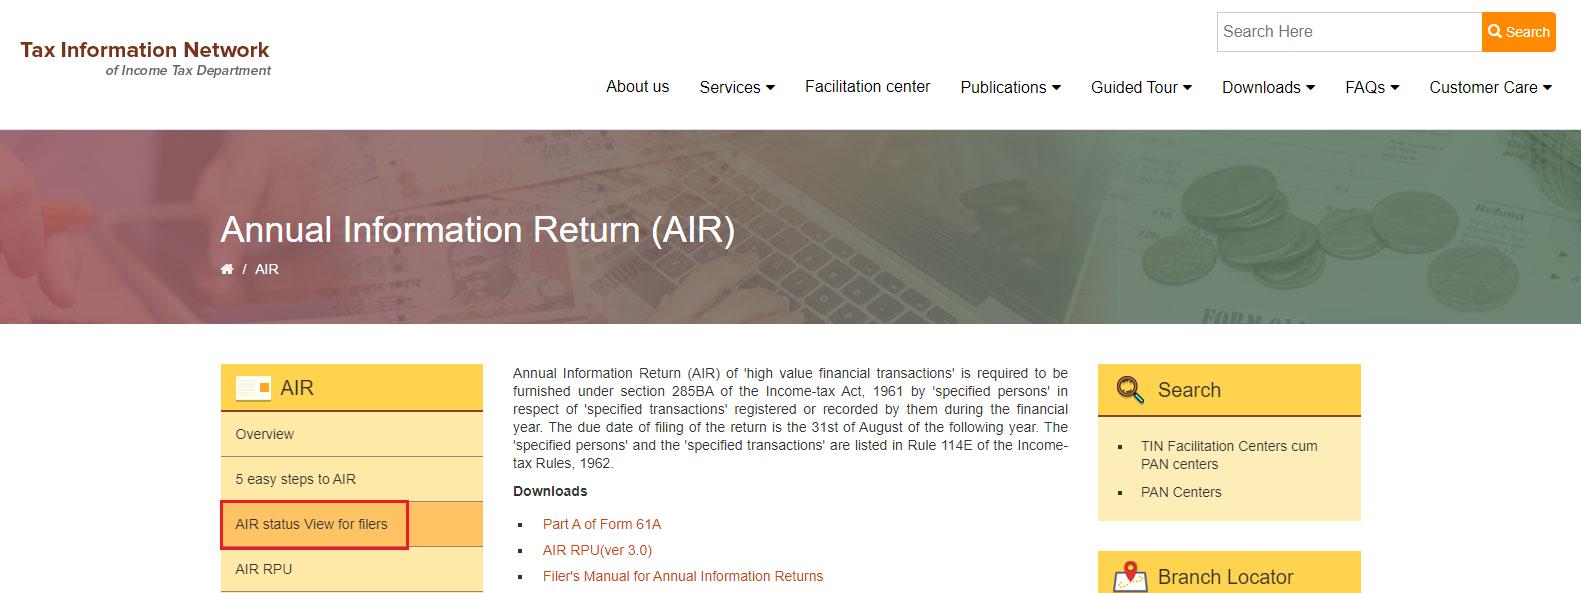 AIR status view for filers